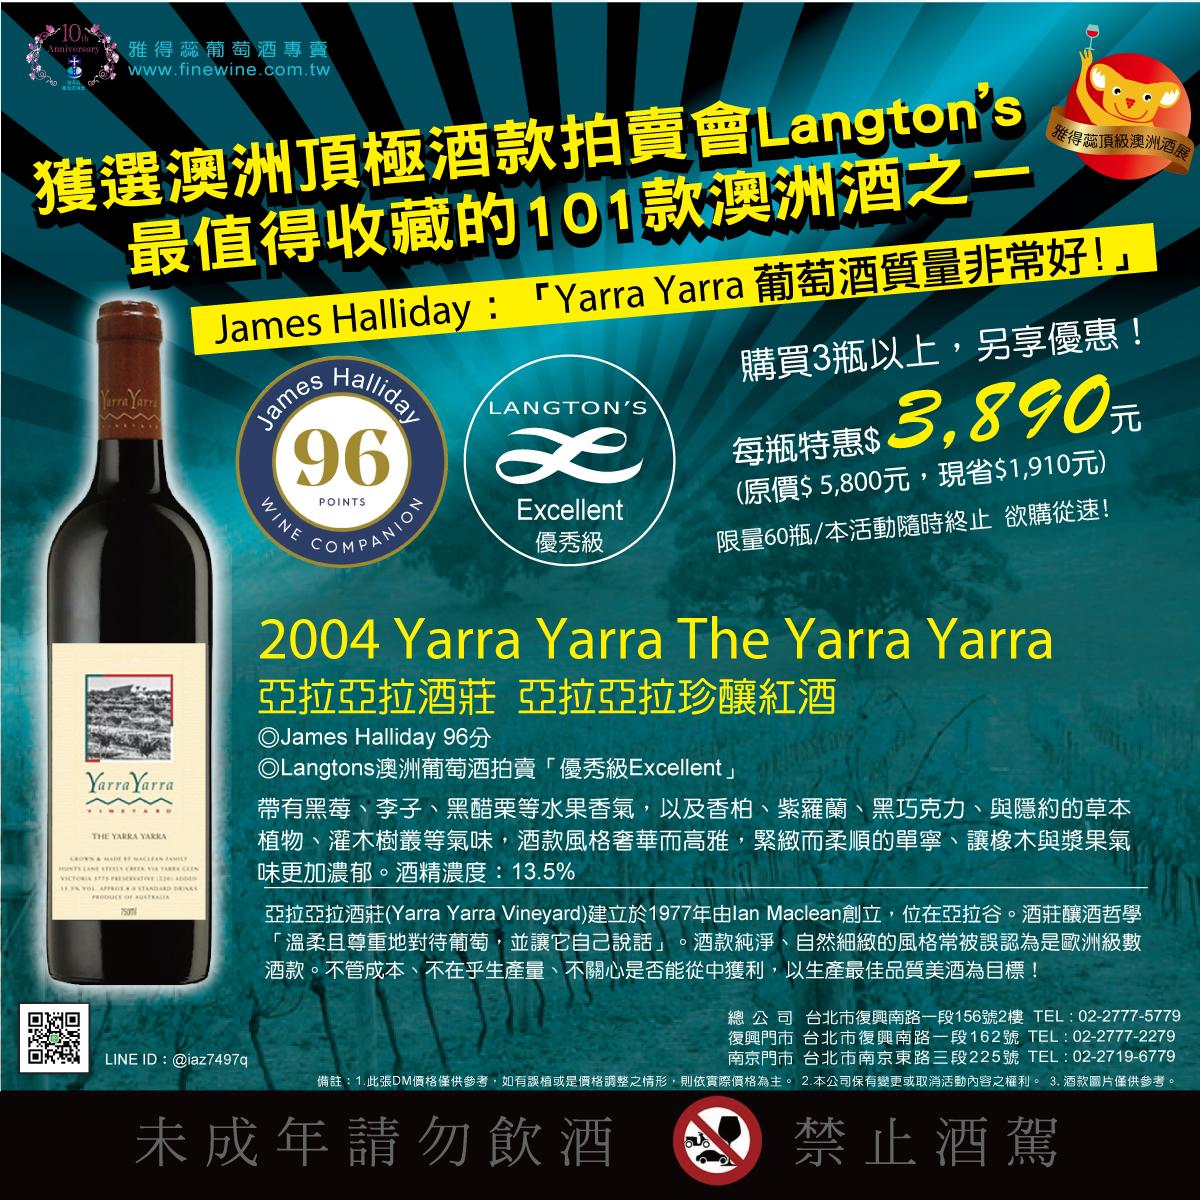 《頂級酒款限量促銷》2004-Yarra Yarra_Proof.jpg